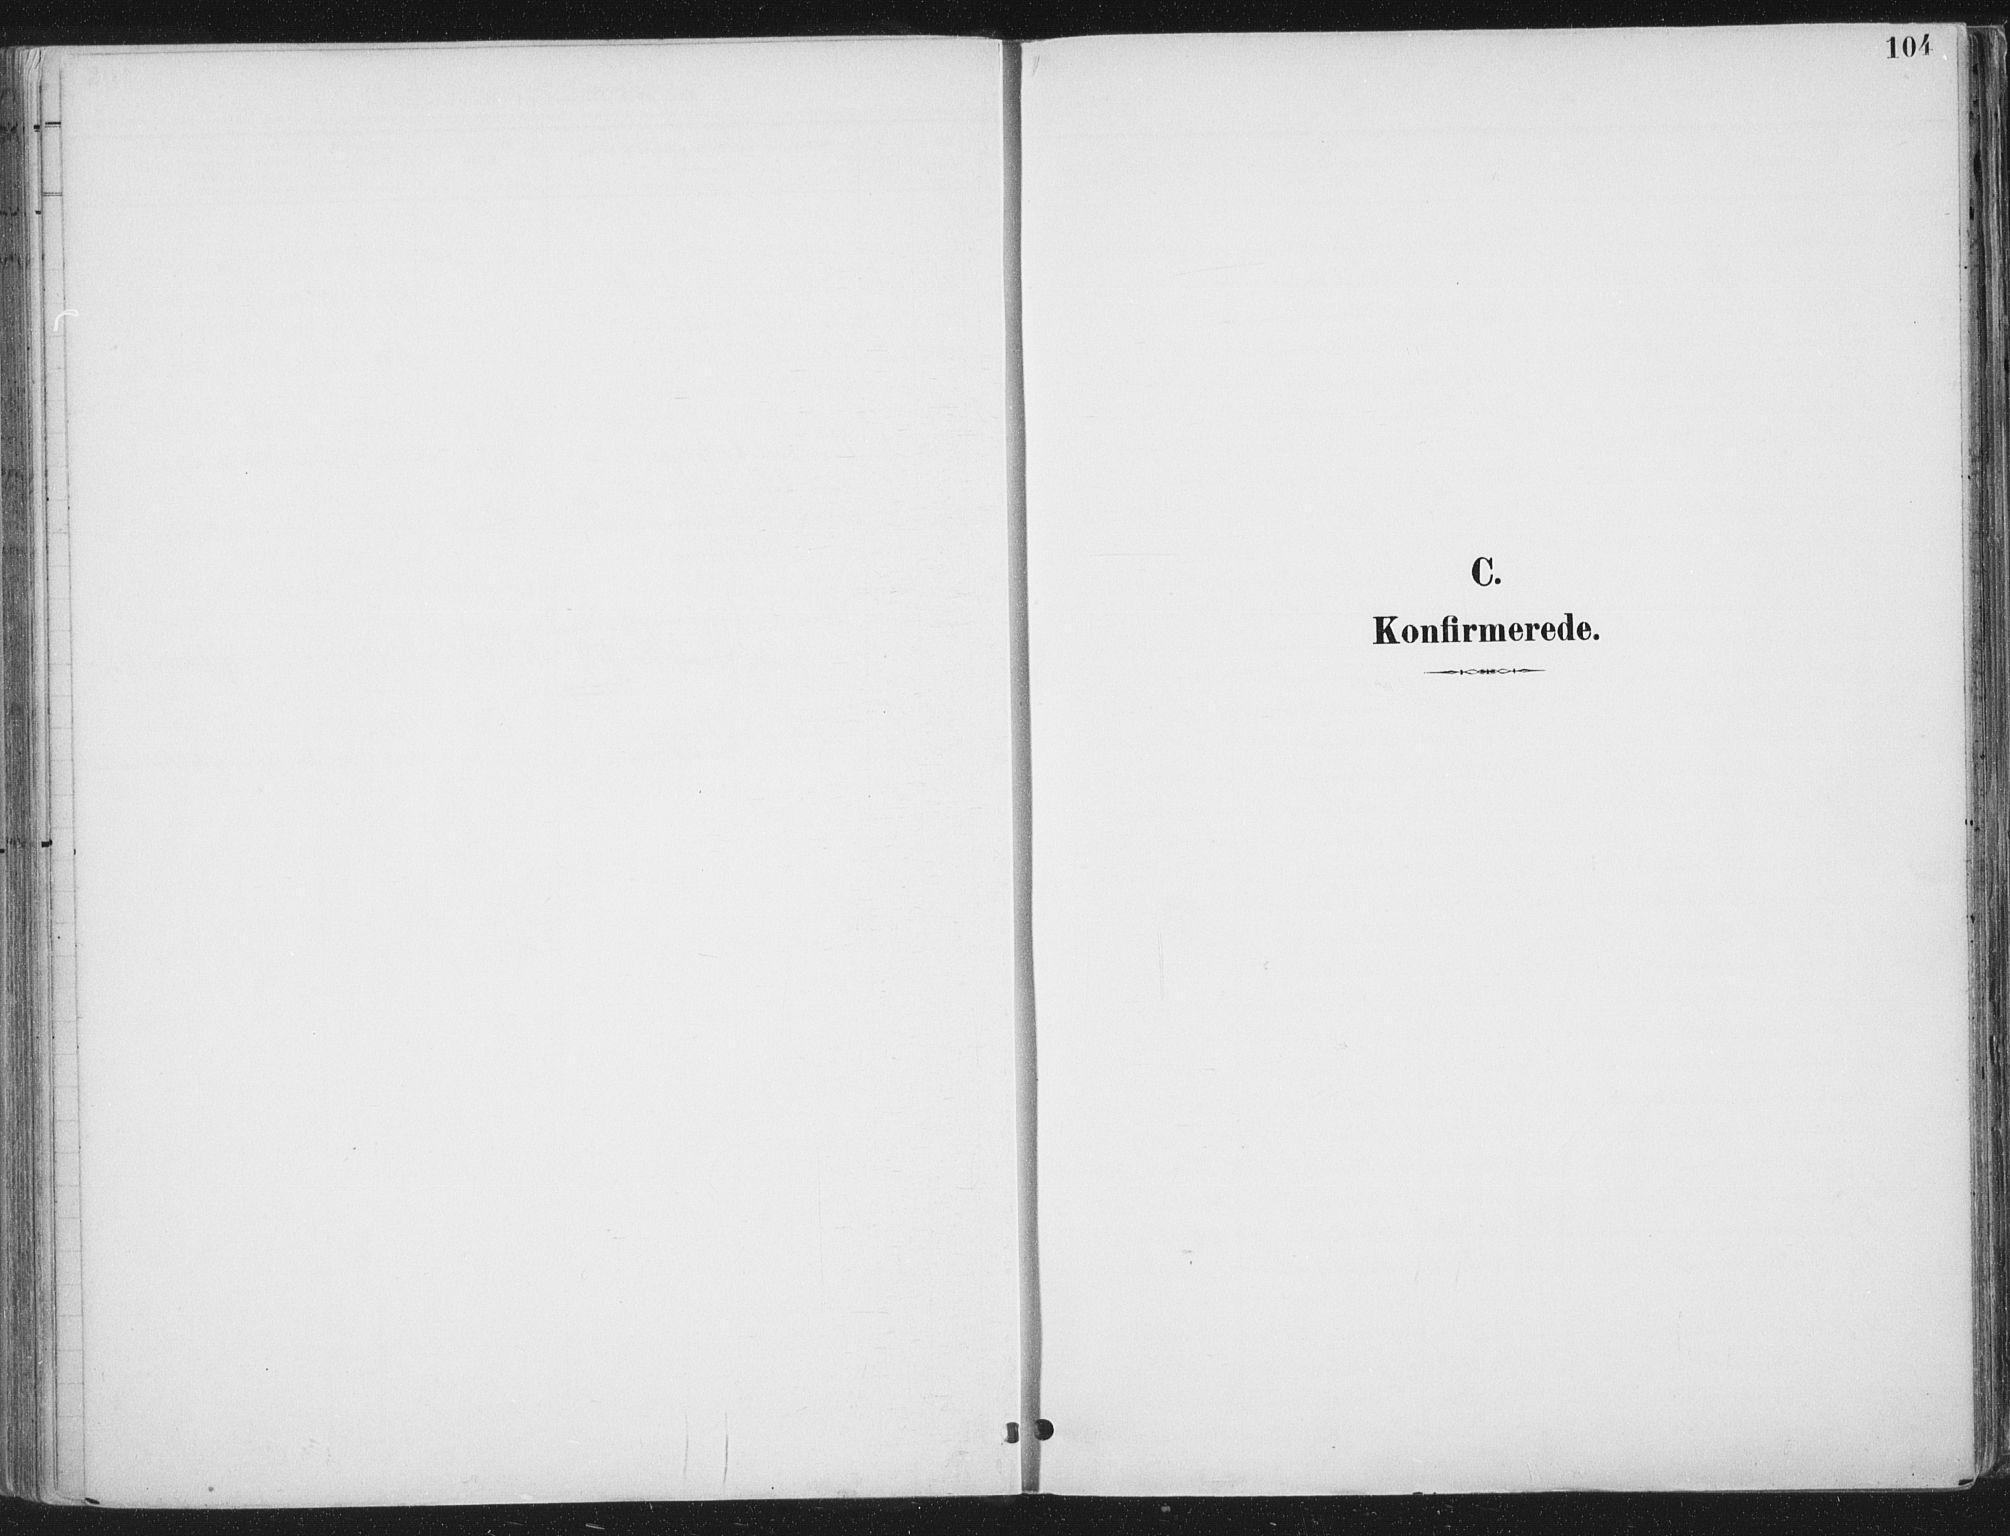 SAT, Ministerialprotokoller, klokkerbøker og fødselsregistre - Nord-Trøndelag, 709/L0082: Ministerialbok nr. 709A22, 1896-1916, s. 104